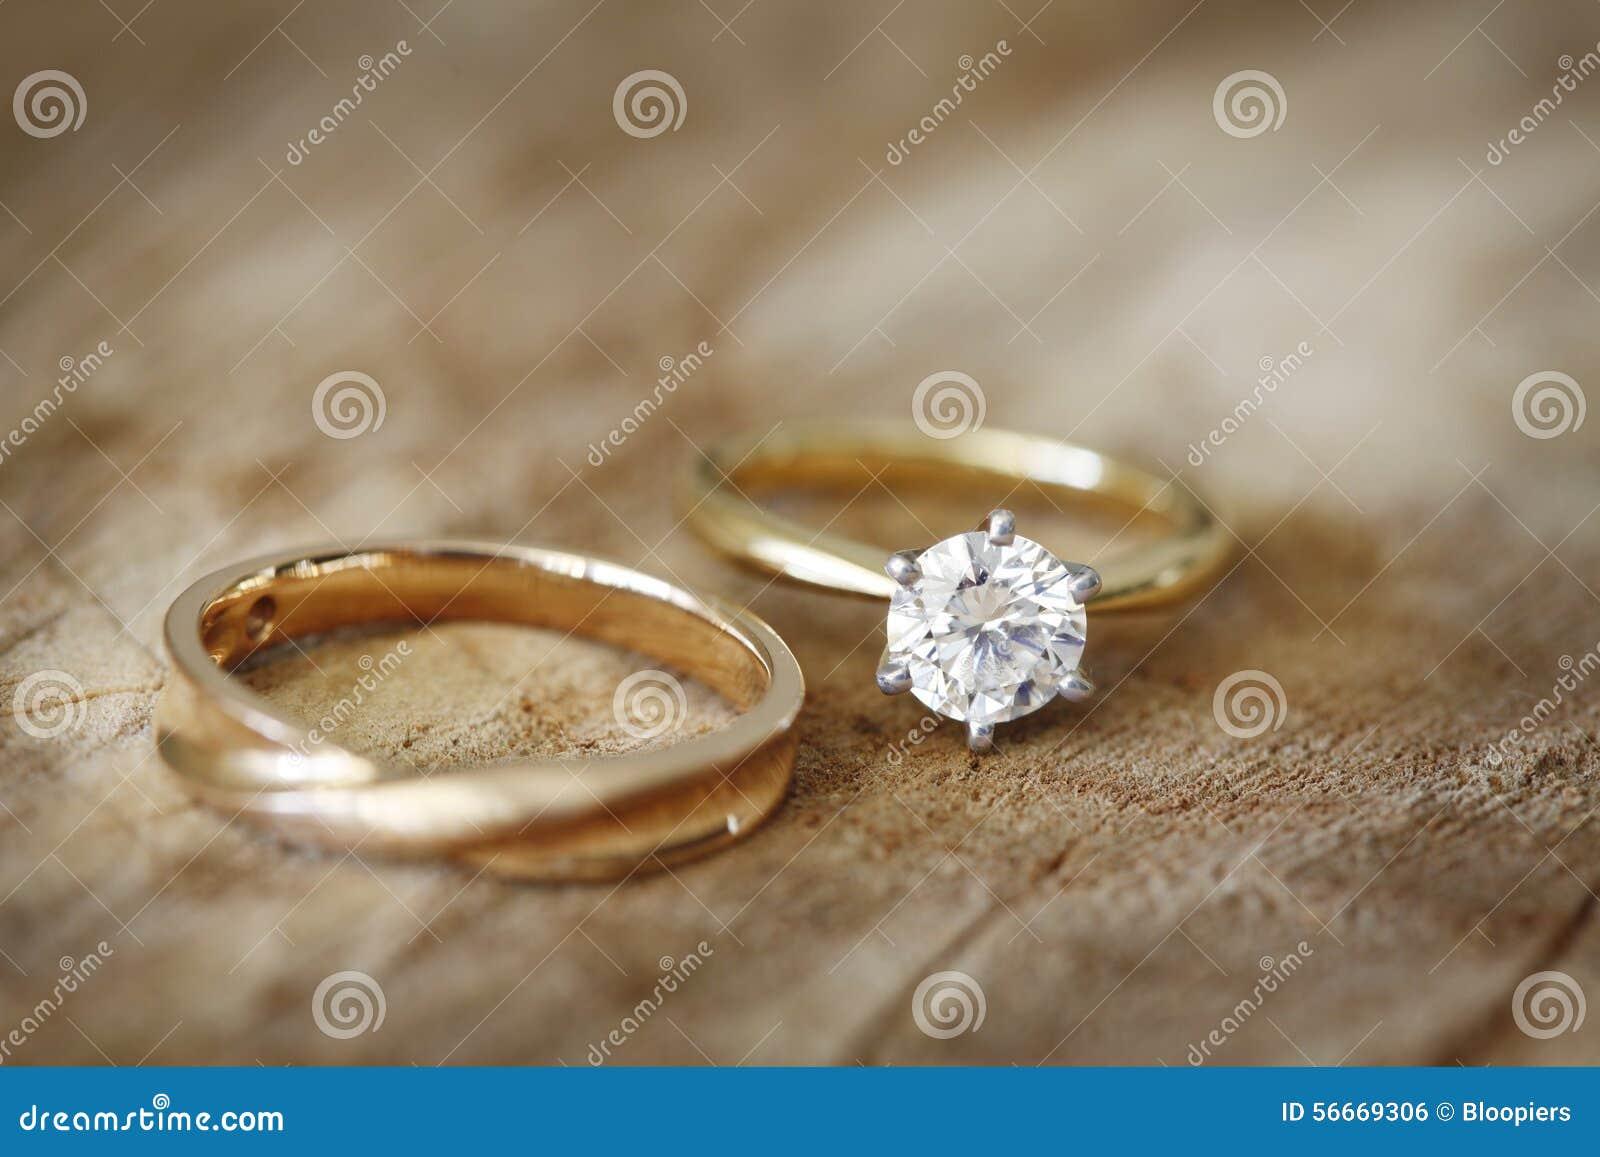 Background Band Diamond Engagementanic Ring Wedding